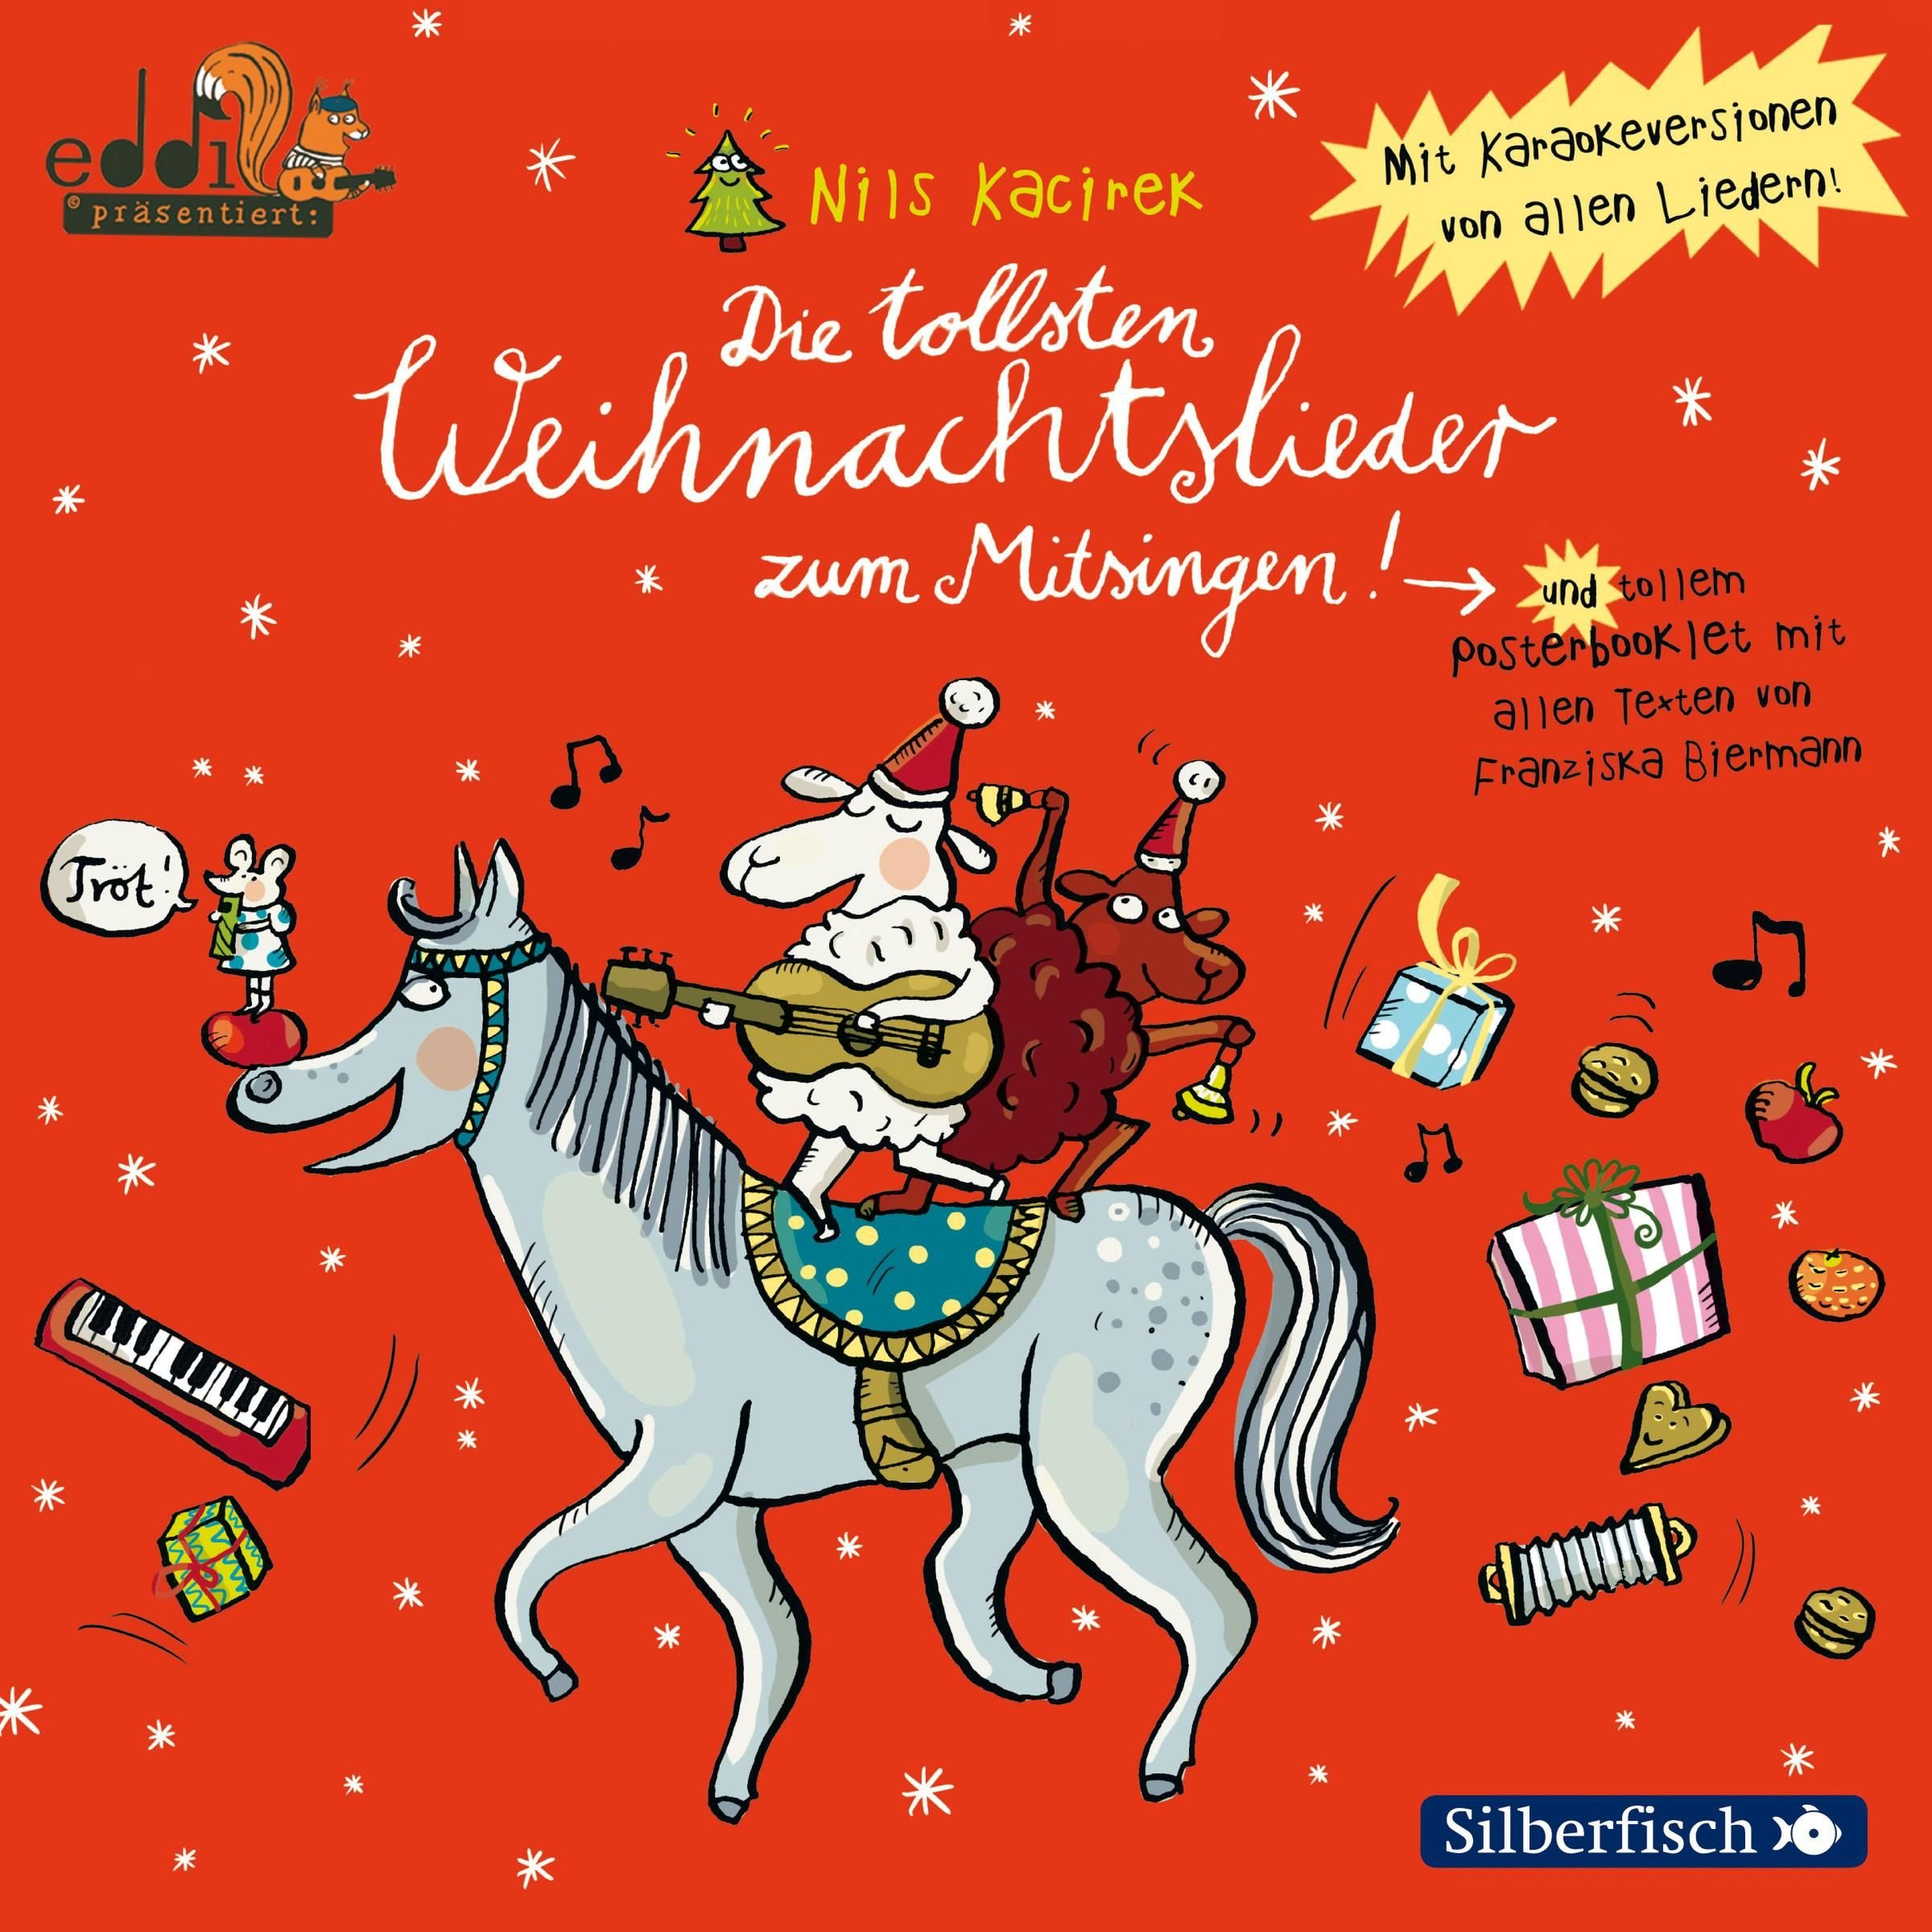 Die tollsten Weihnachtslieder zum Mitsingen: 1 CD: Amazon.de: Nils ...